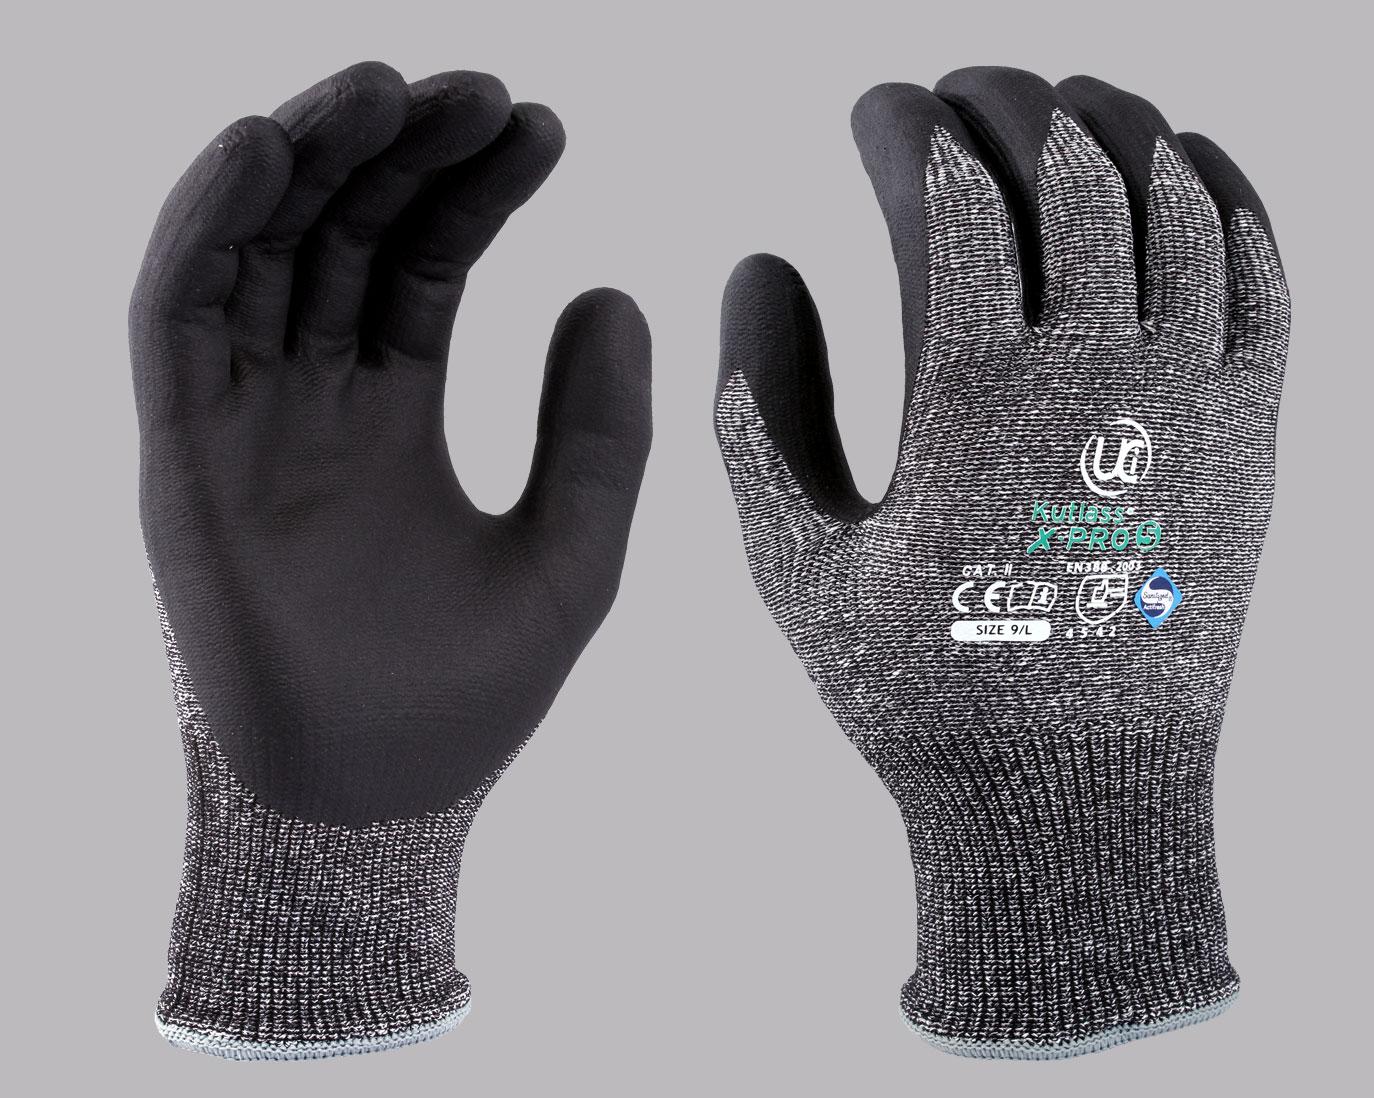 Cut Resistant Gloves & Sleeves